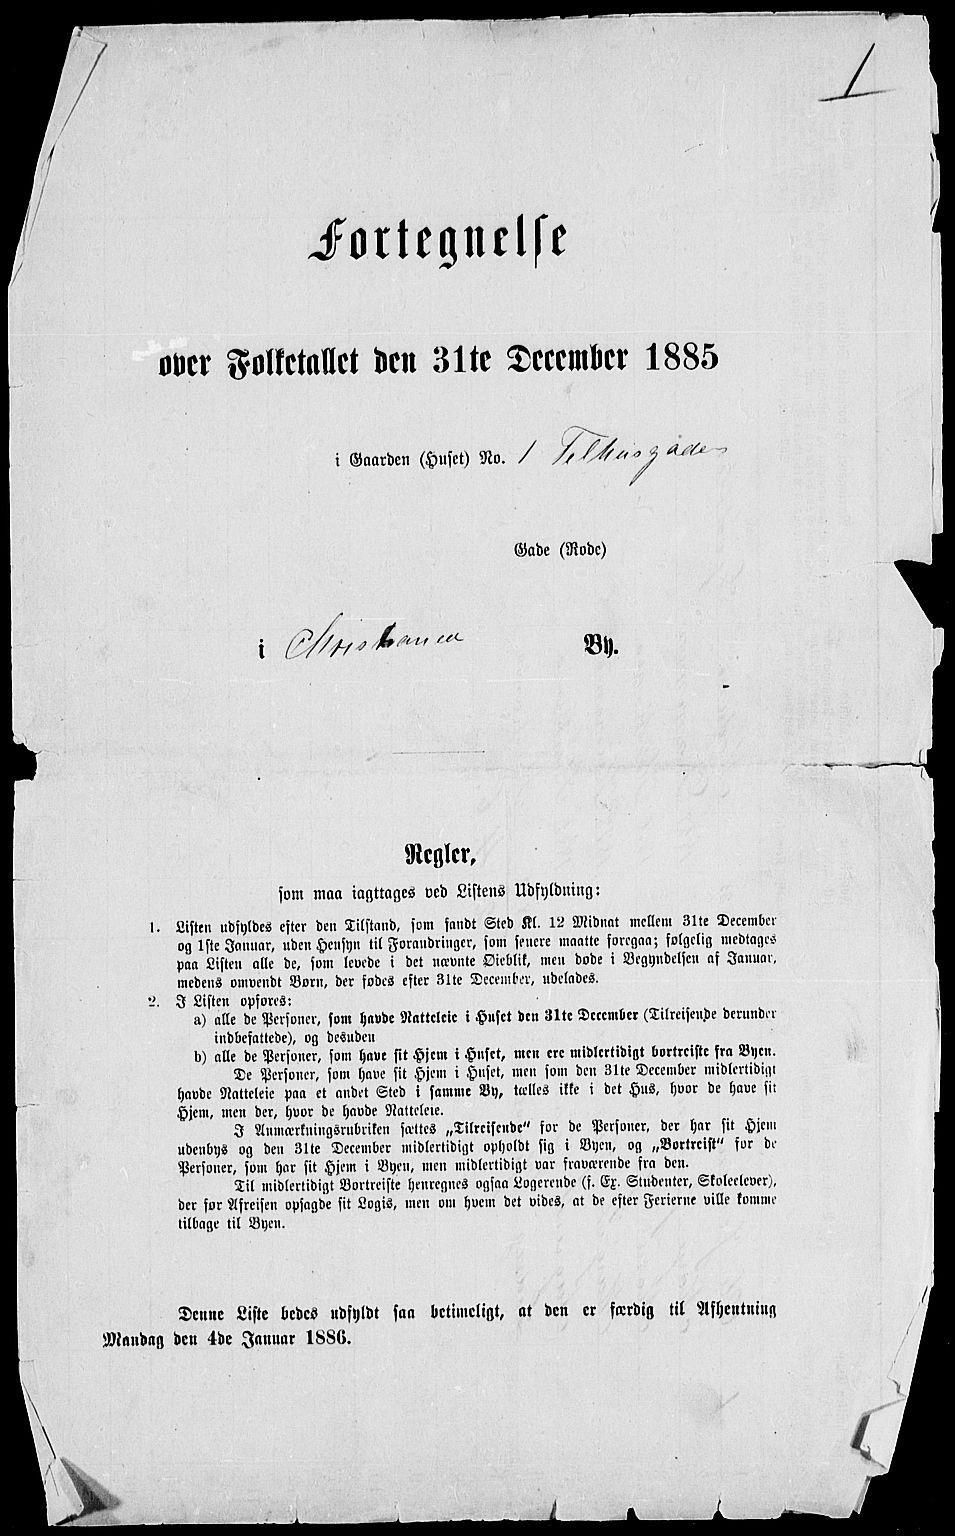 RA, Folketelling 1885 for 0301 Kristiania kjøpstad, 1885, s. 4600